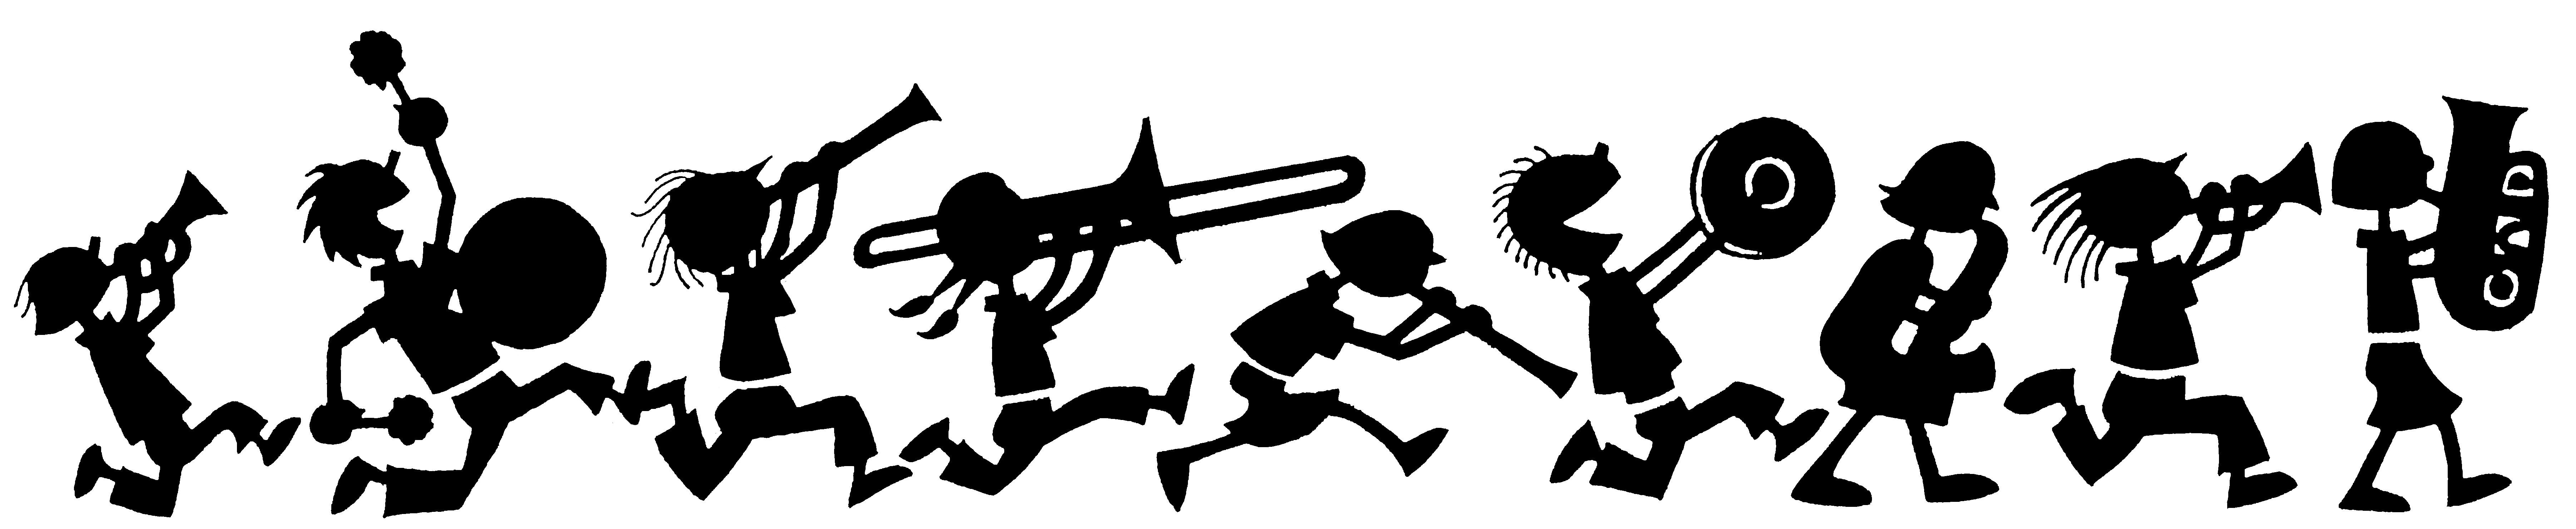 Band Clip Art Image #34489